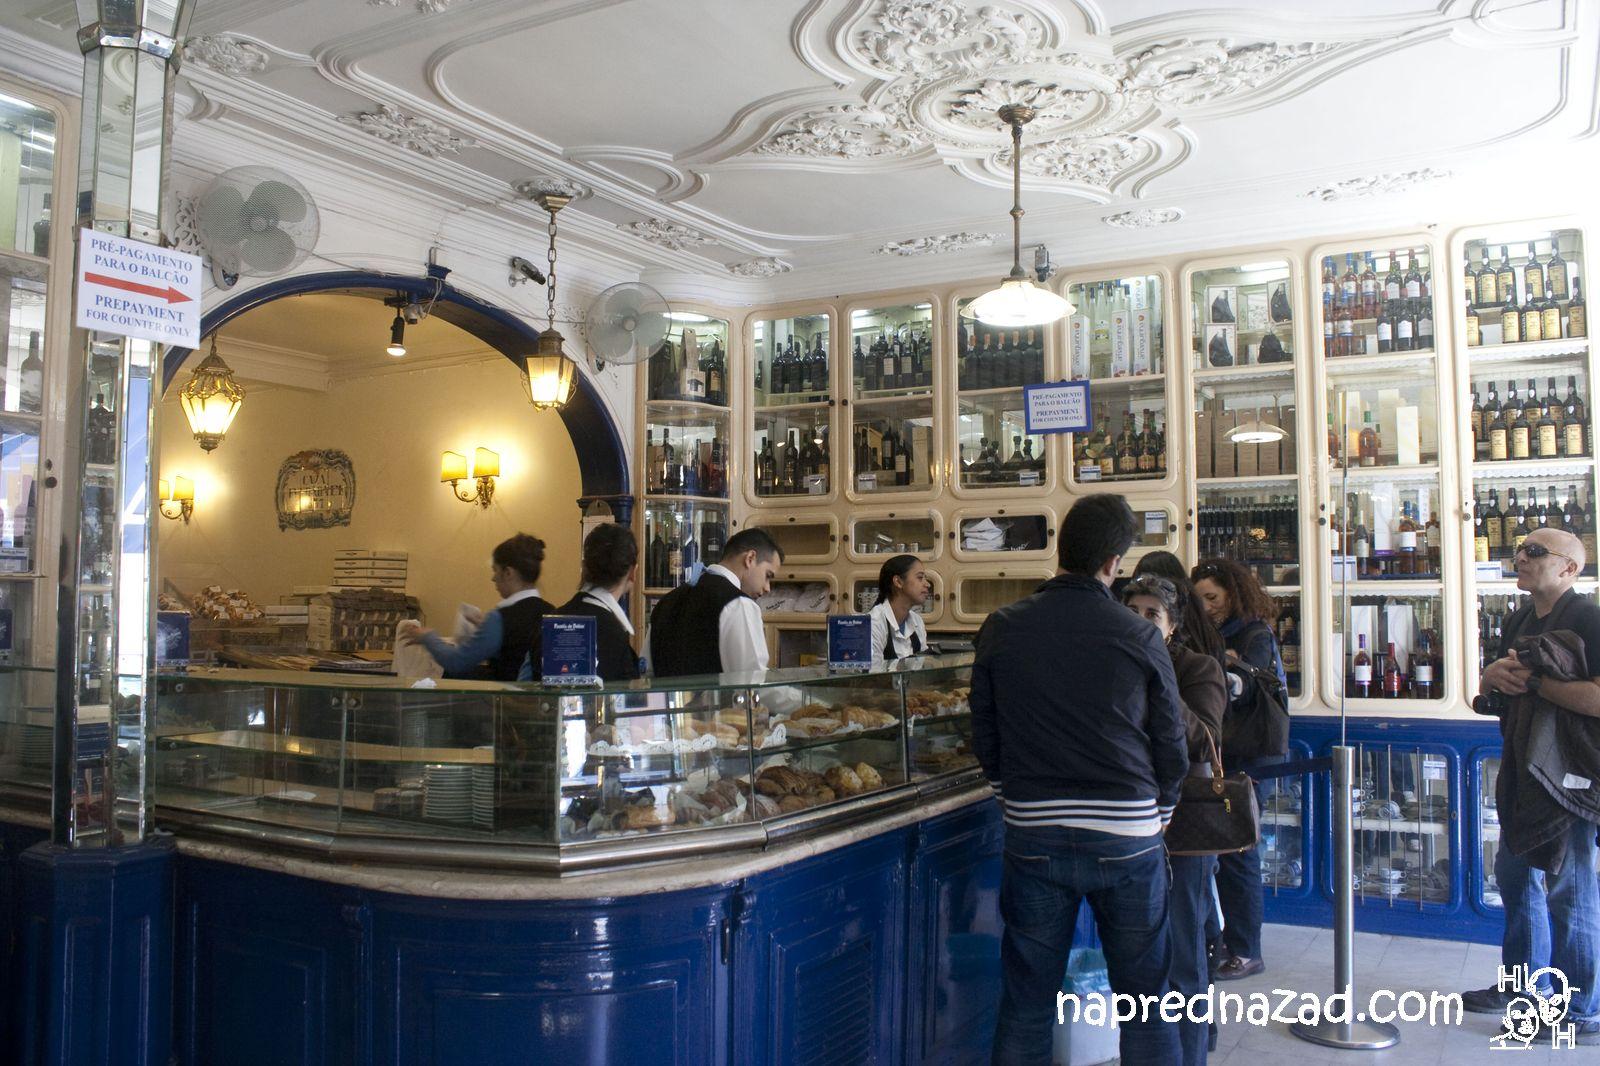 Обстановката в  Pasteis de Belém е автентична и интересна.